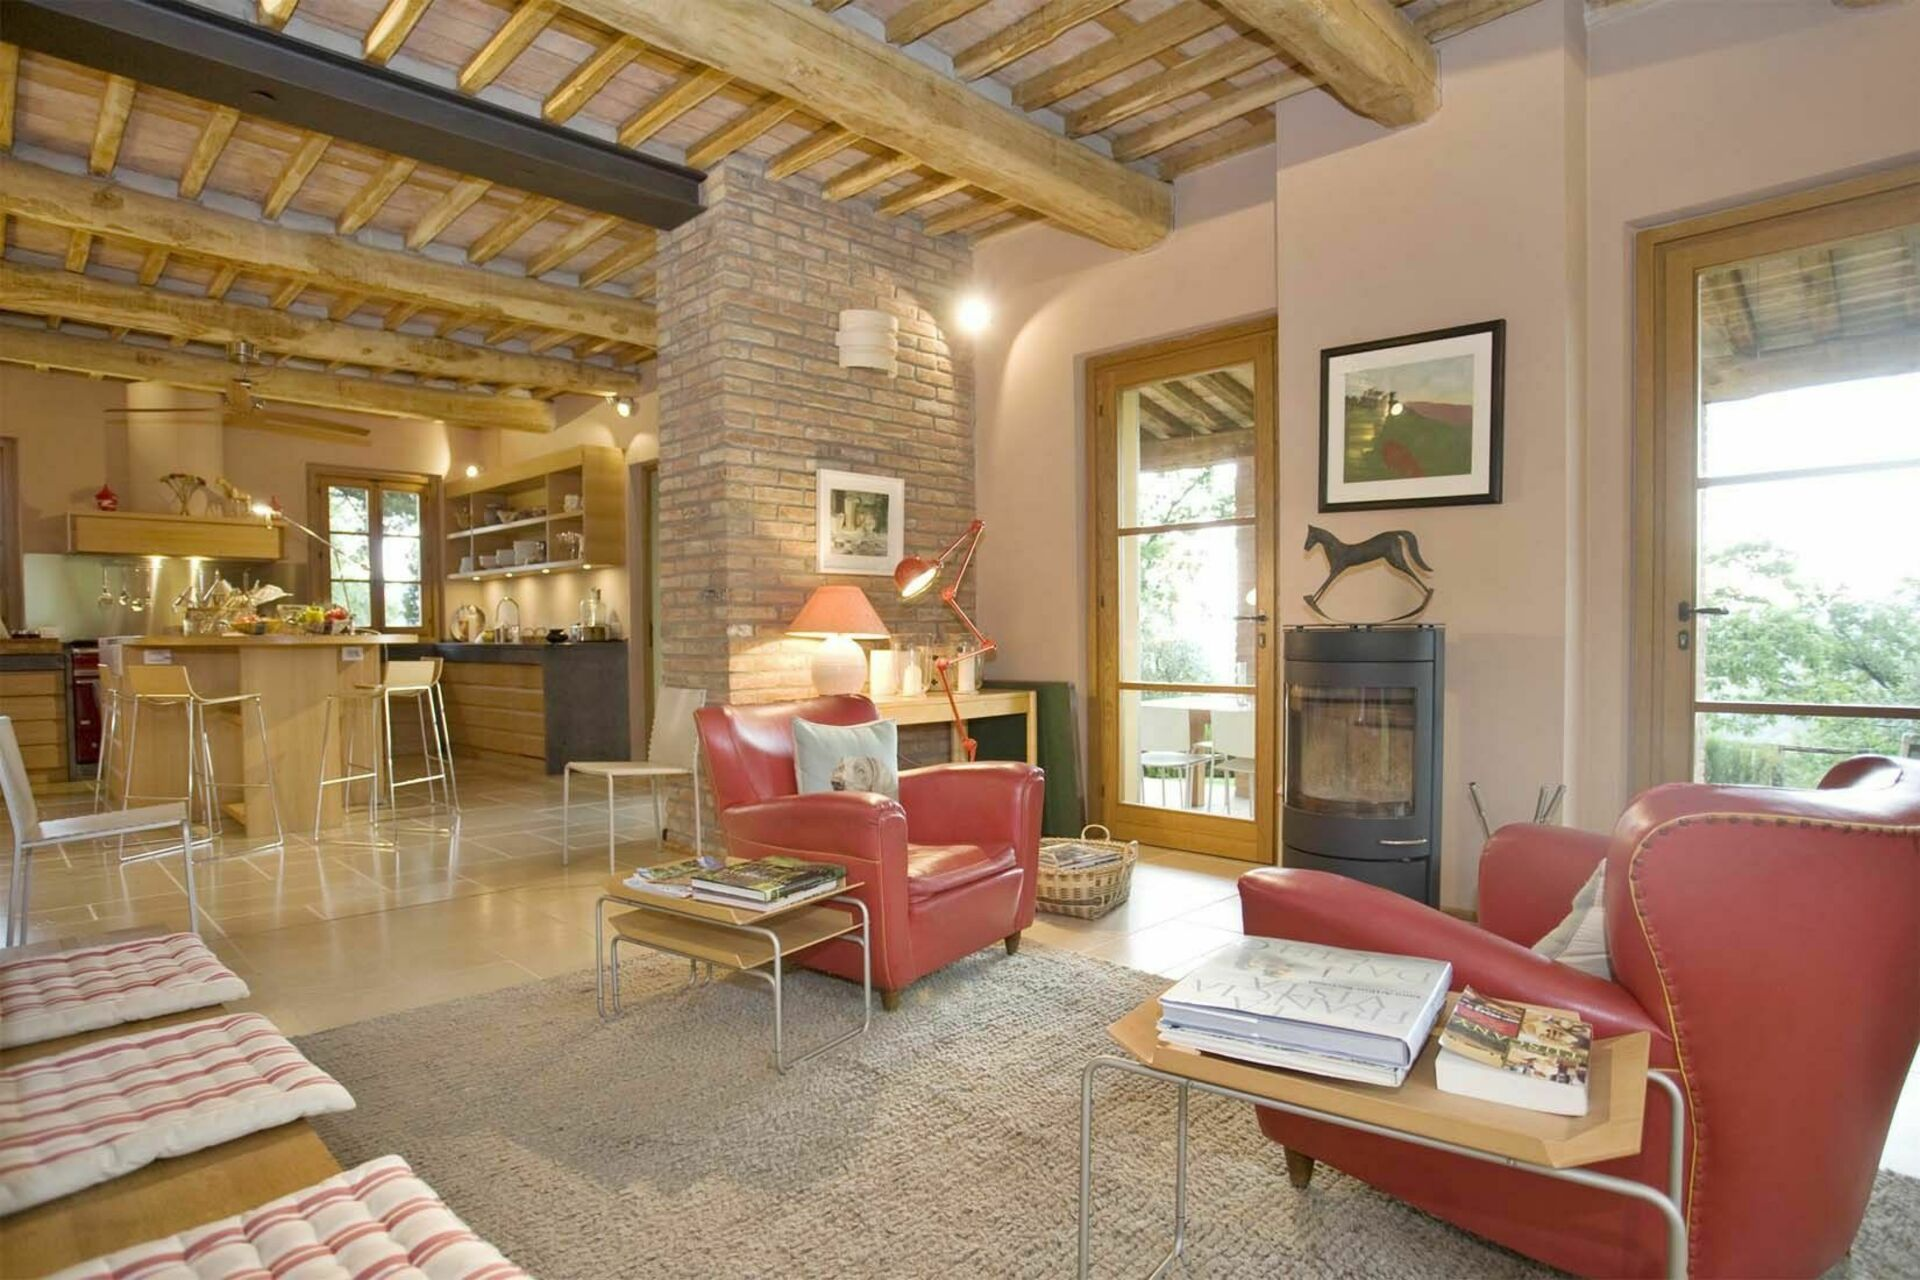 La corte malgiacca casa vacanze con 10 posti letto in 5 for Living room ideas villa